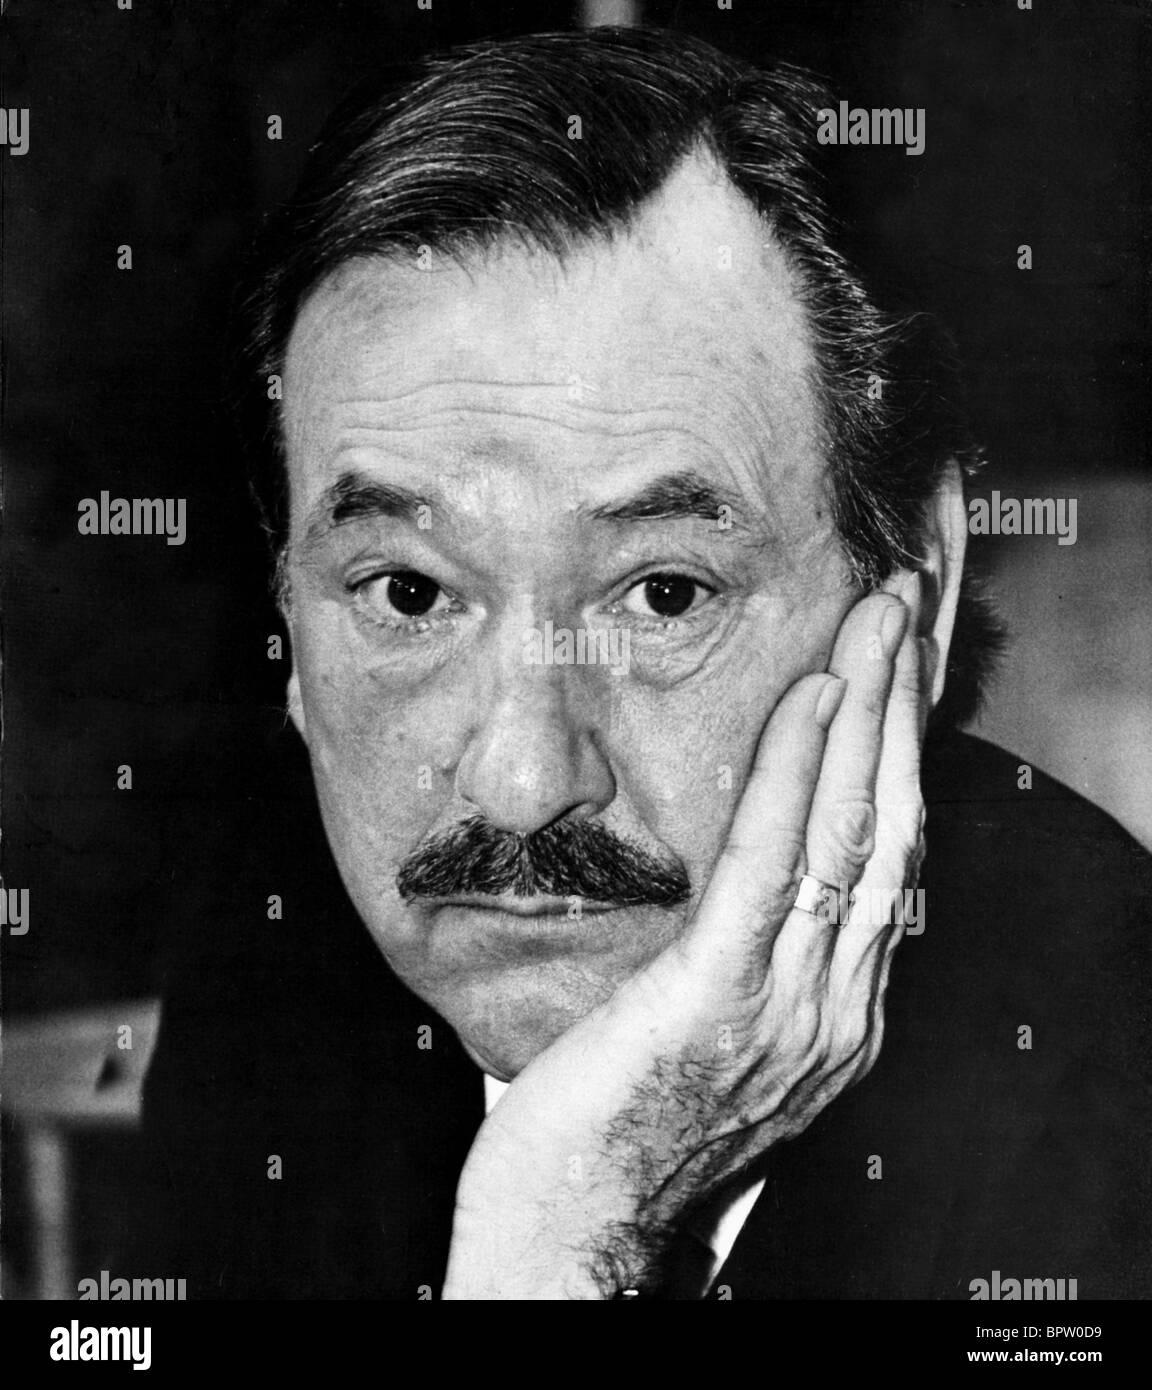 Acteur JACK DOUGLAS (1980) Photo Stock